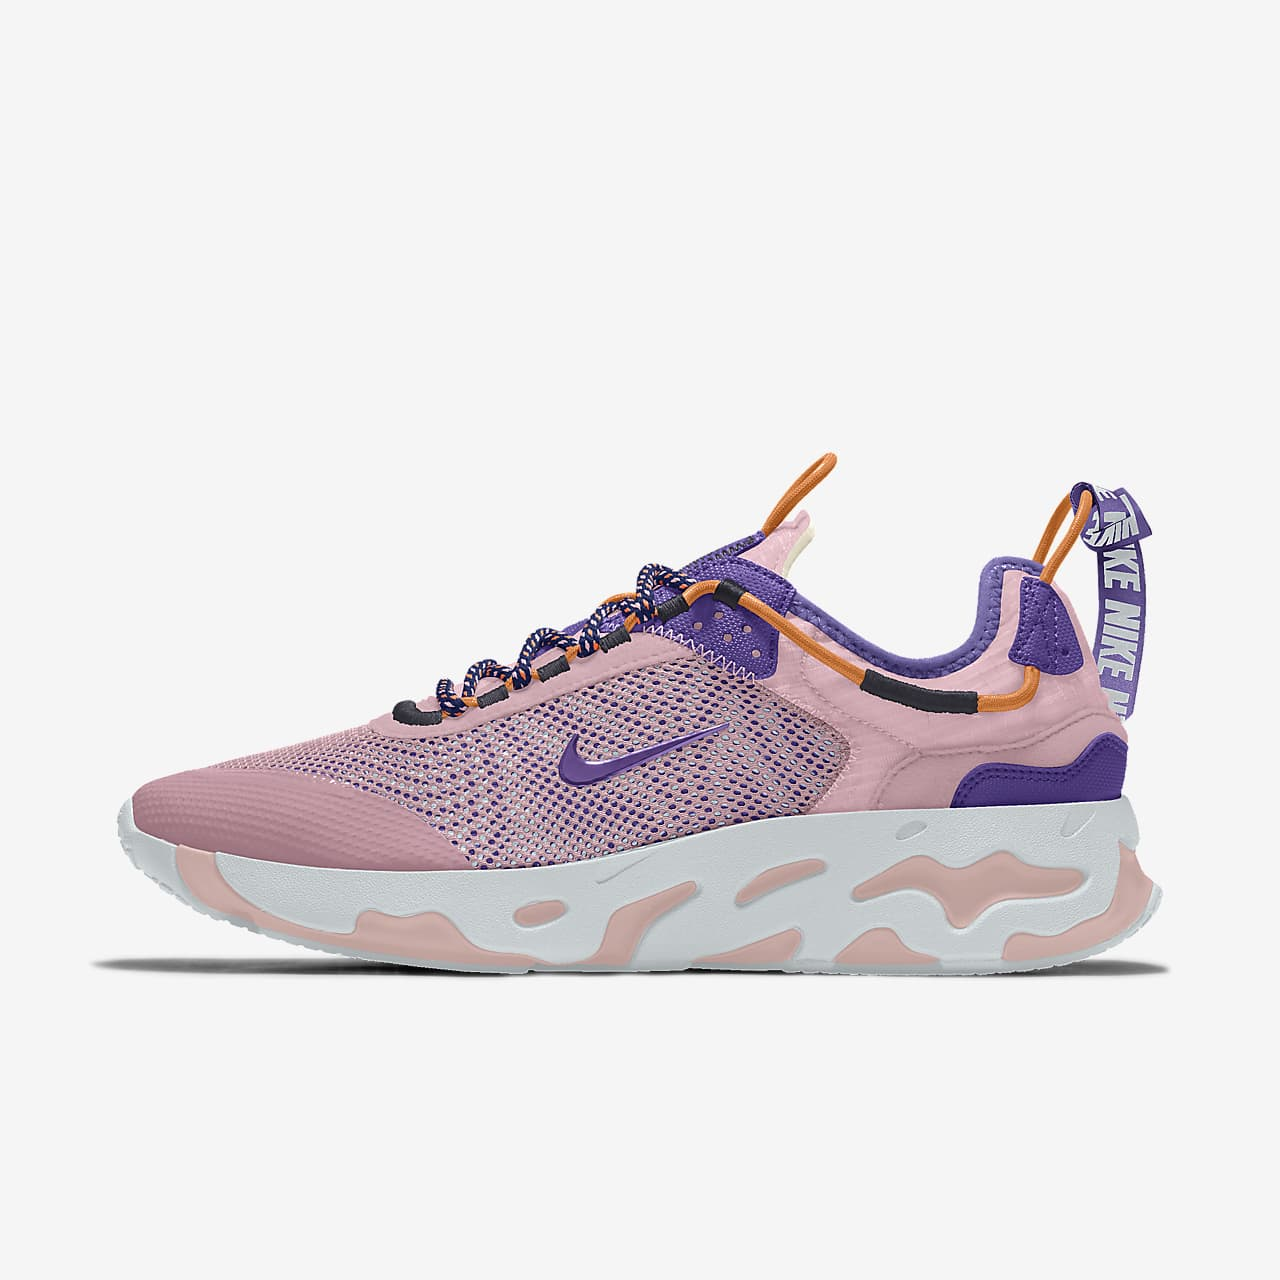 Nike React Live By You Custom Men's Shoe